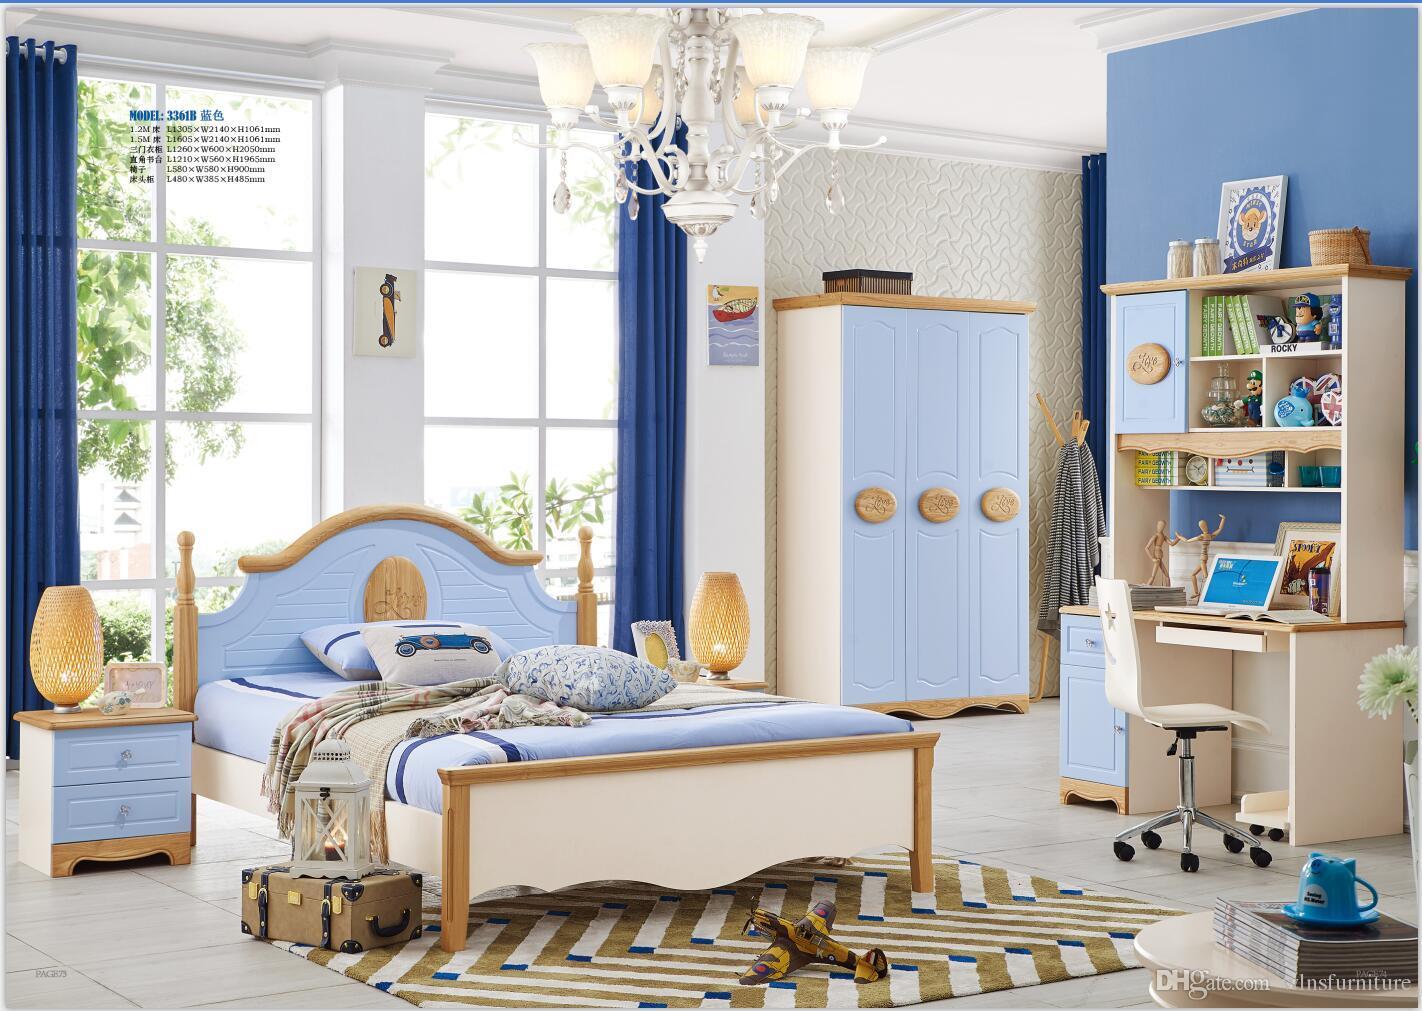 acheter ensemble de meubles de chambre a coucher moderne en bois massif enfants chambre meubles ensemble lit armoire bureau table de chevet chaise de